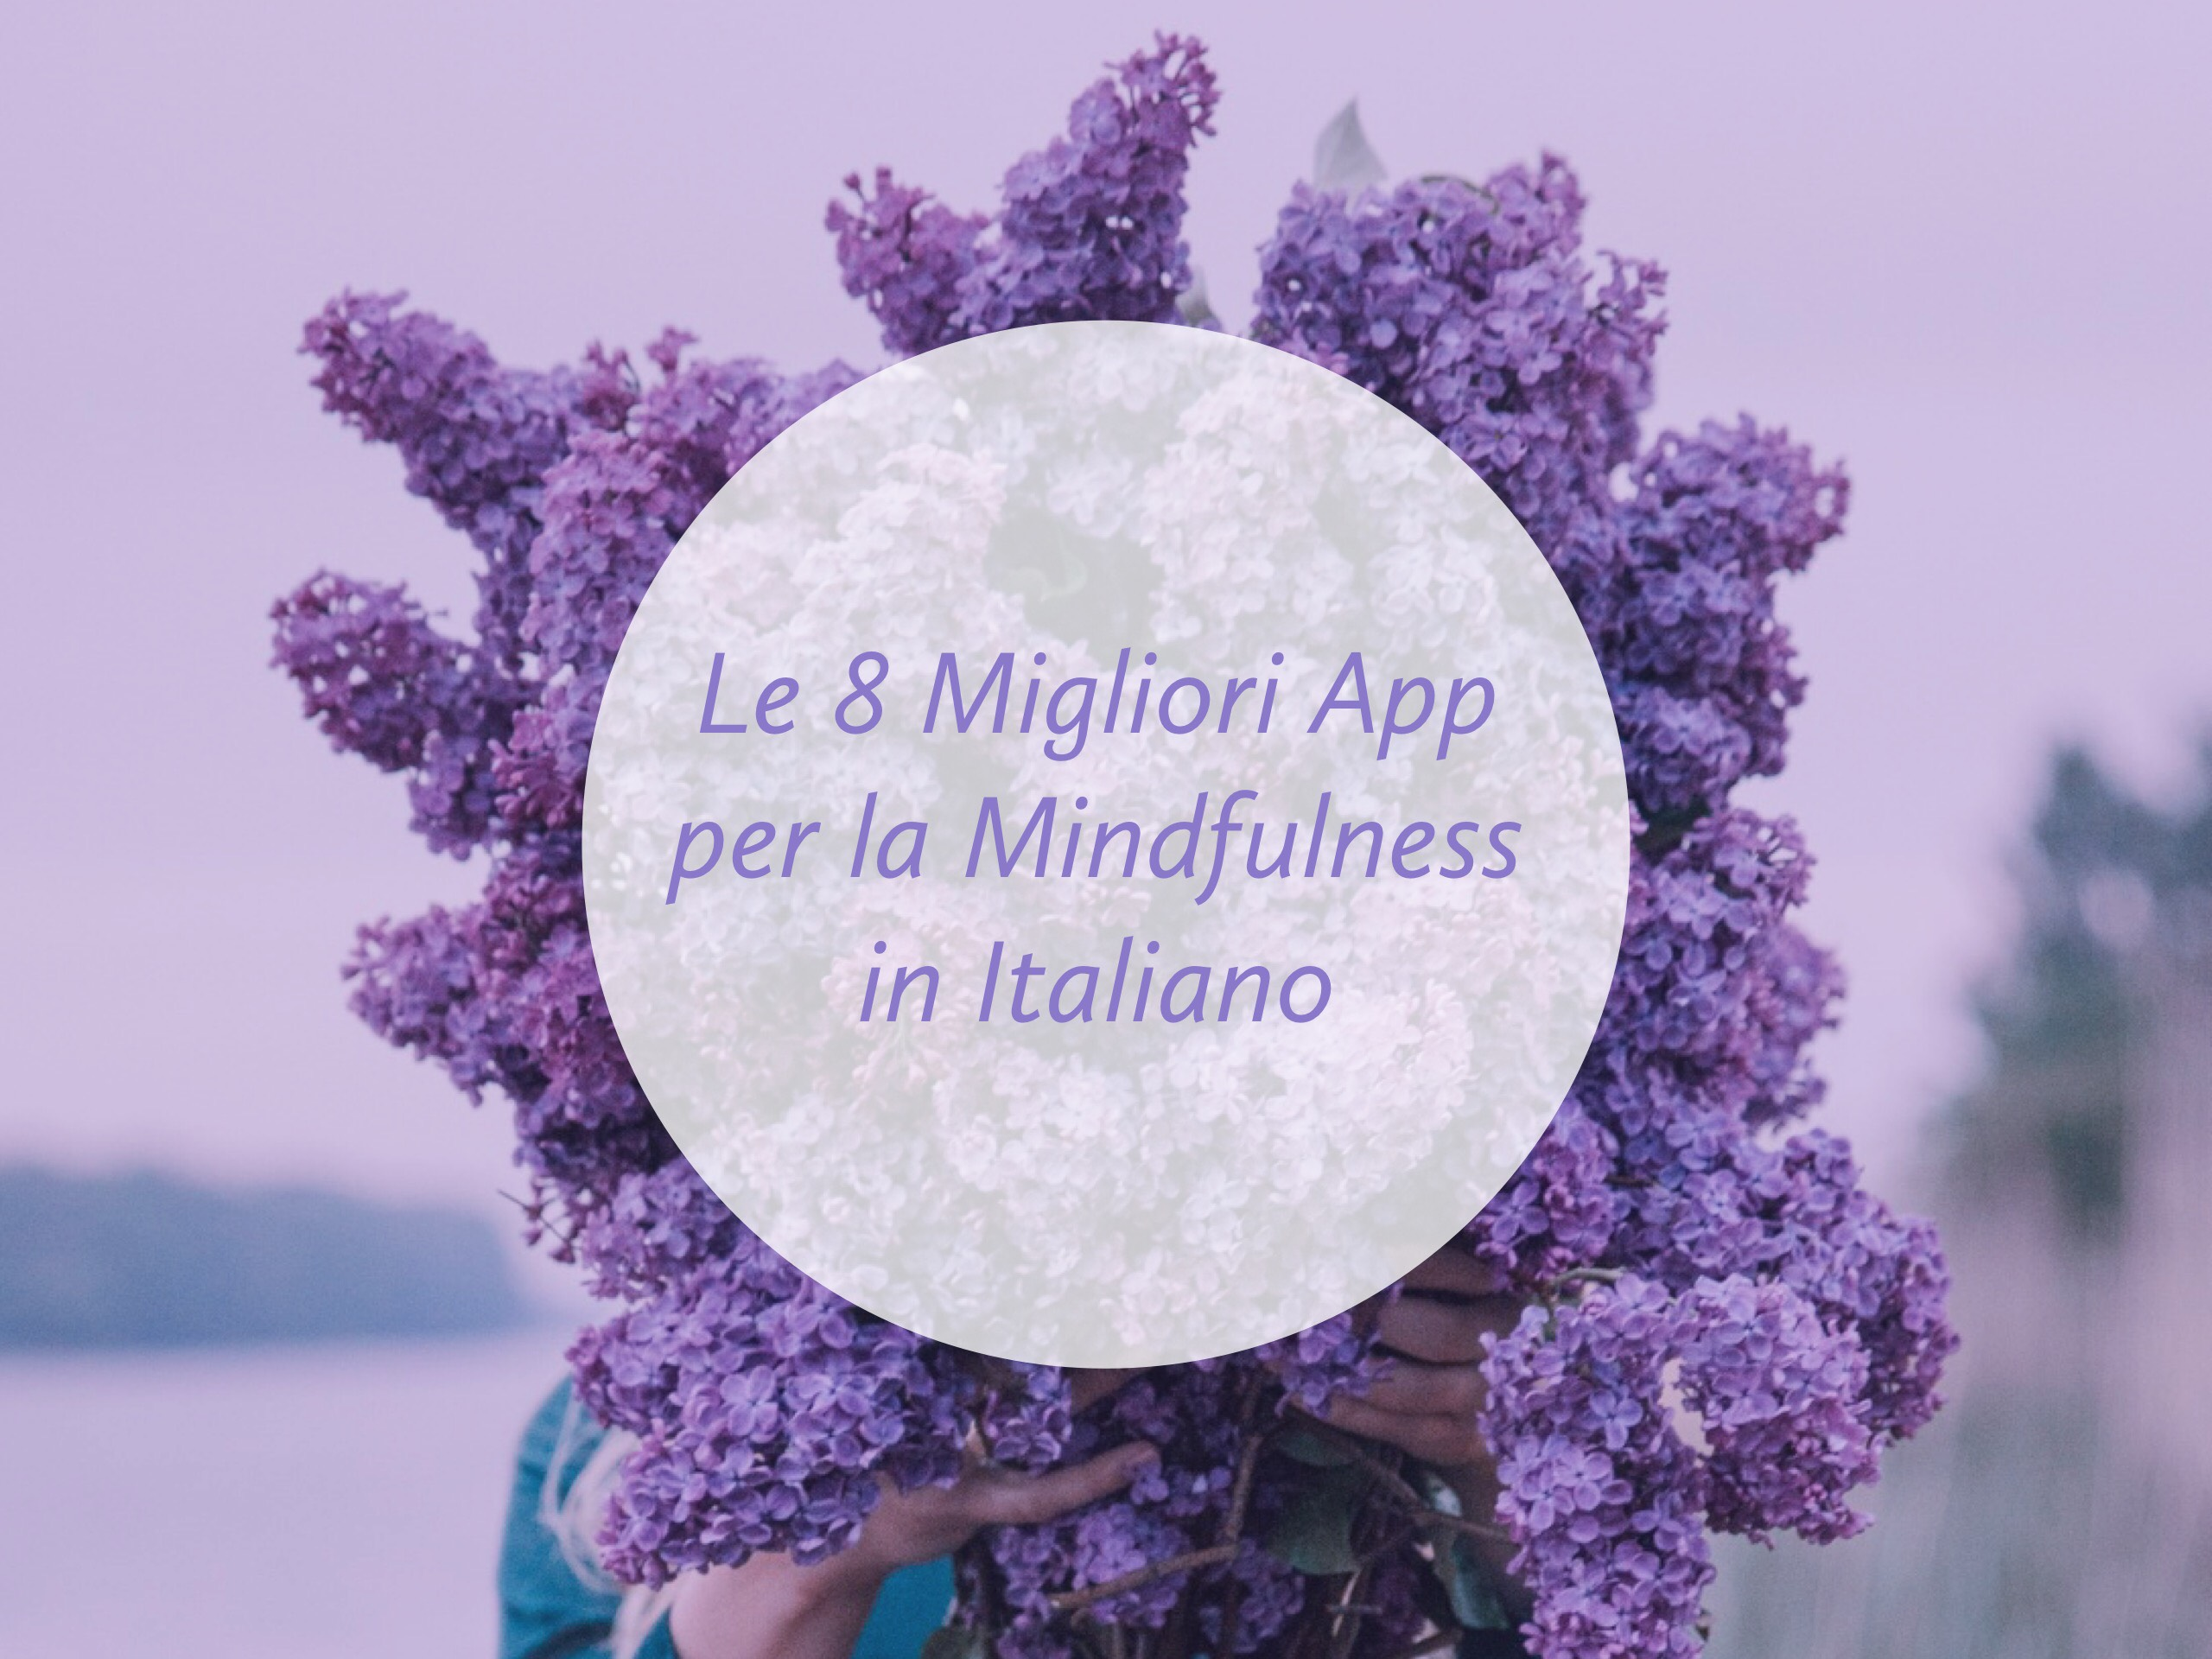 Le 8 migliori App Mindfulness - Donna che regge un mazzo di lillà - tatianaberlaffa.com